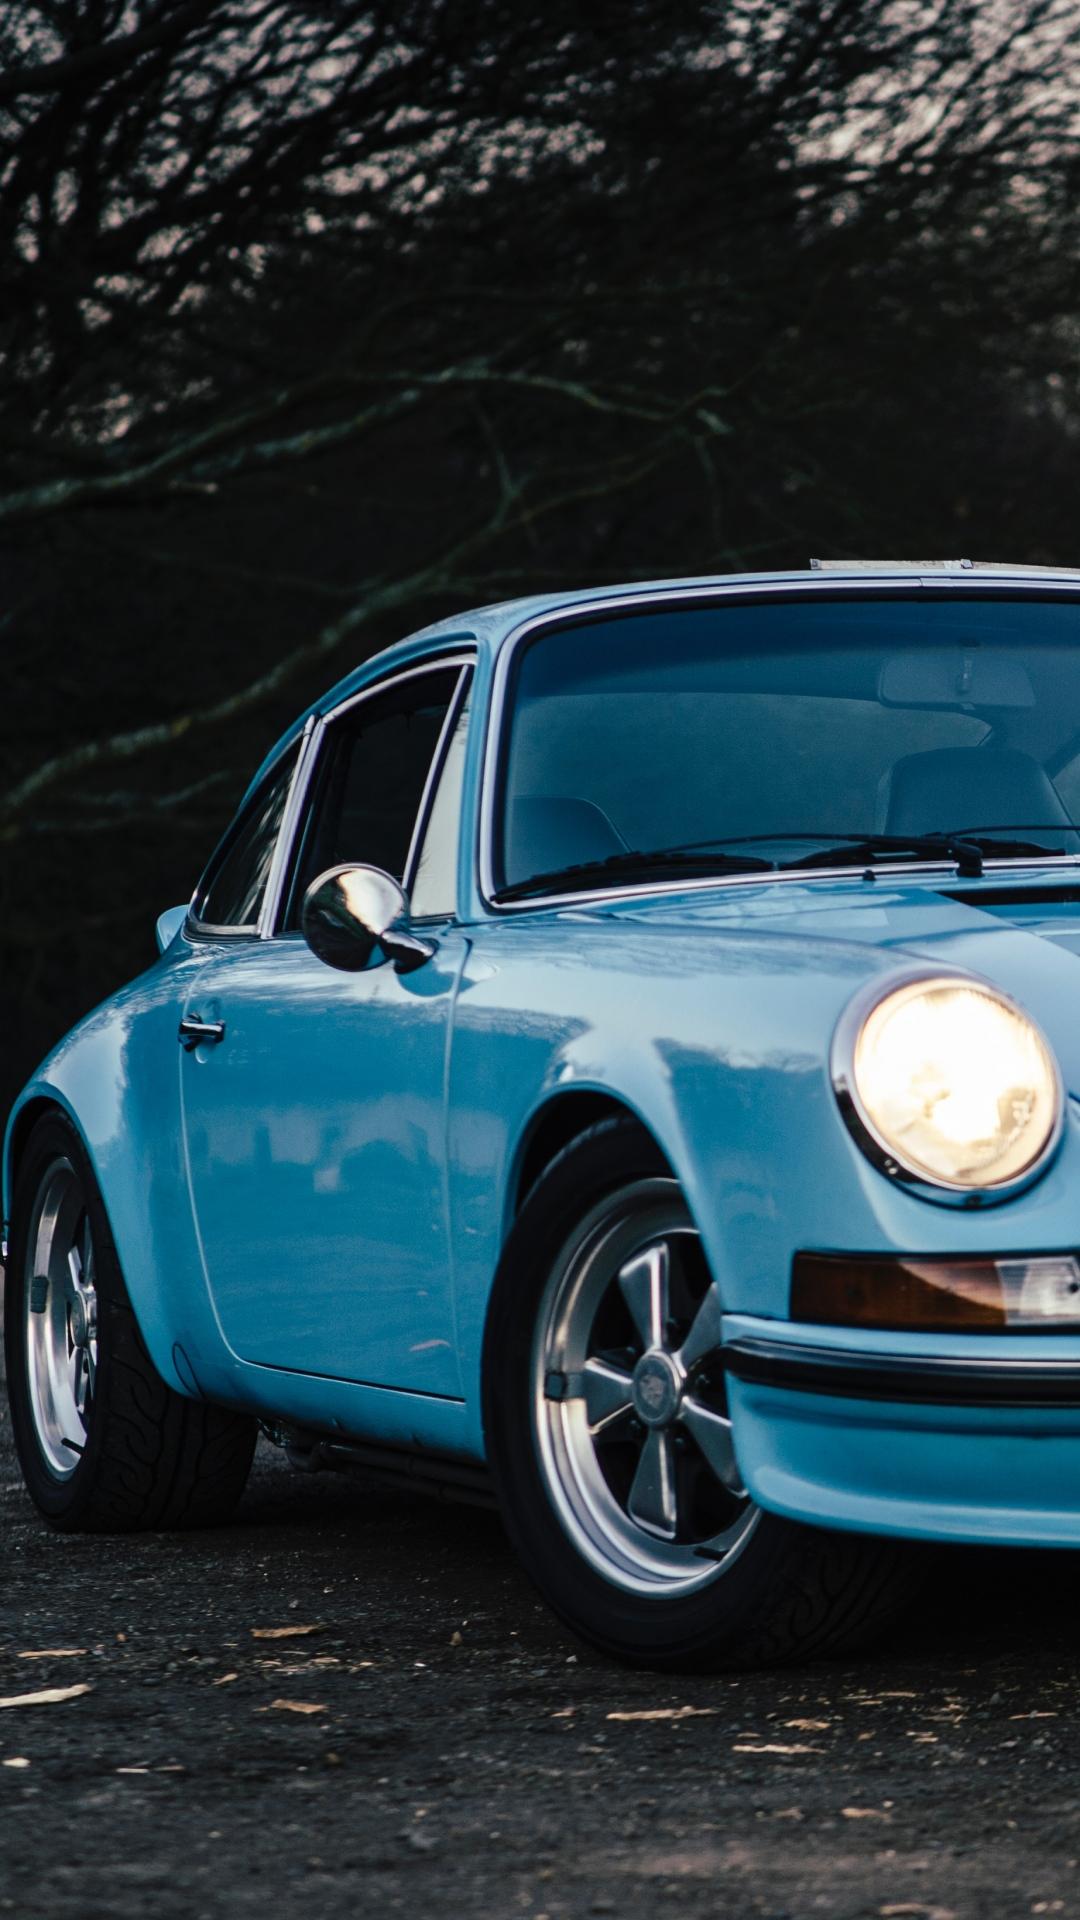 iphone wallpaper porsche car side Porsche